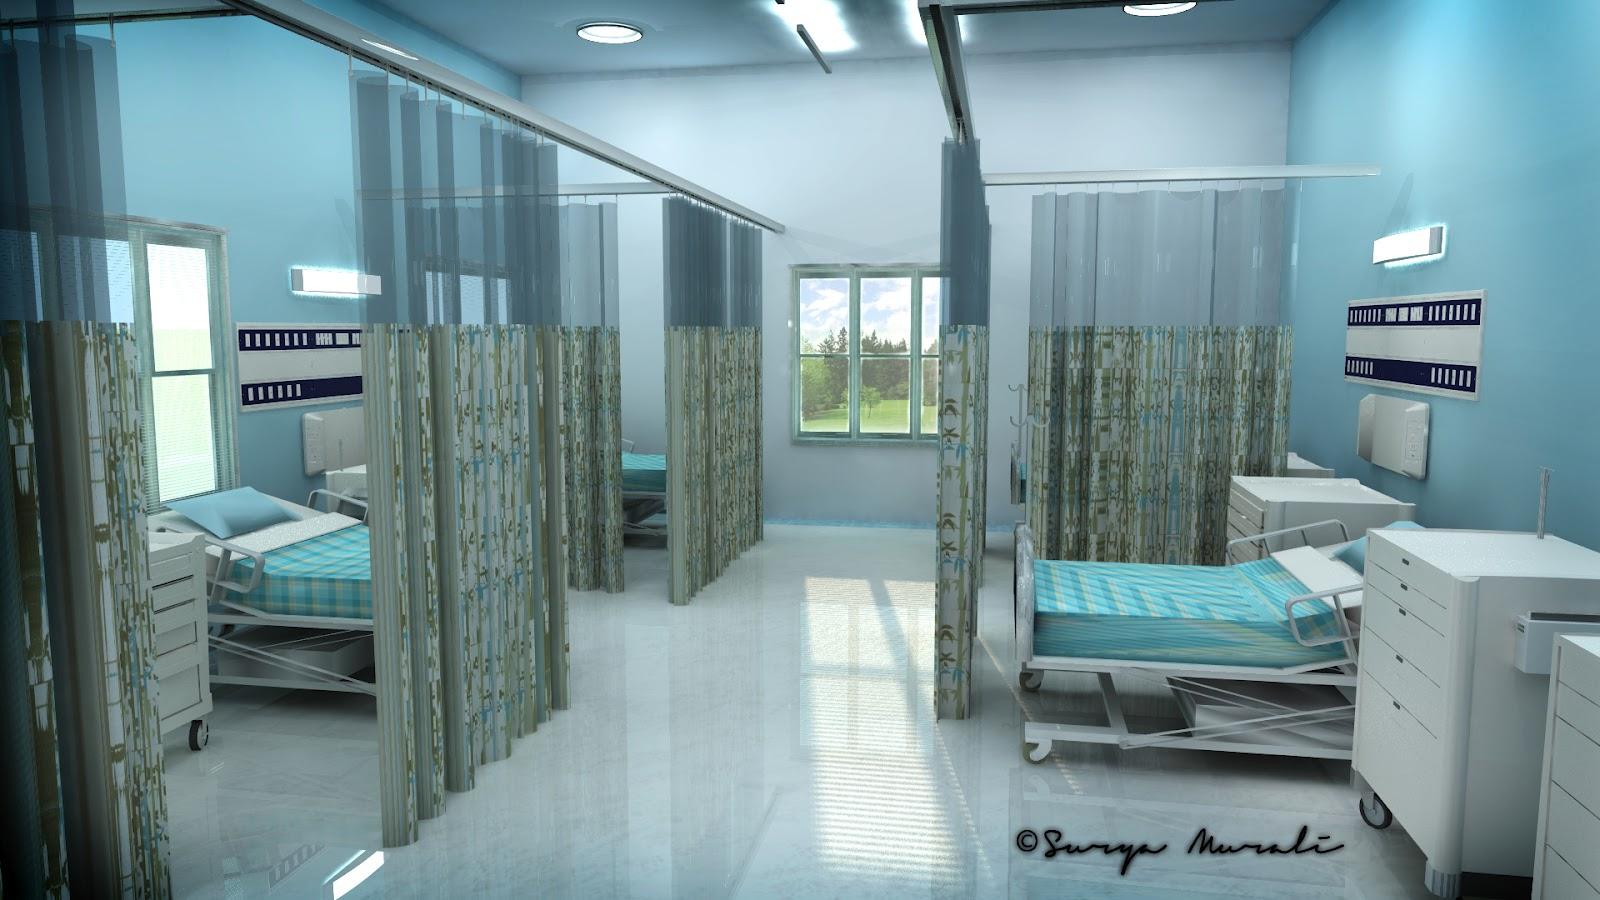 Hospital Ward | My W